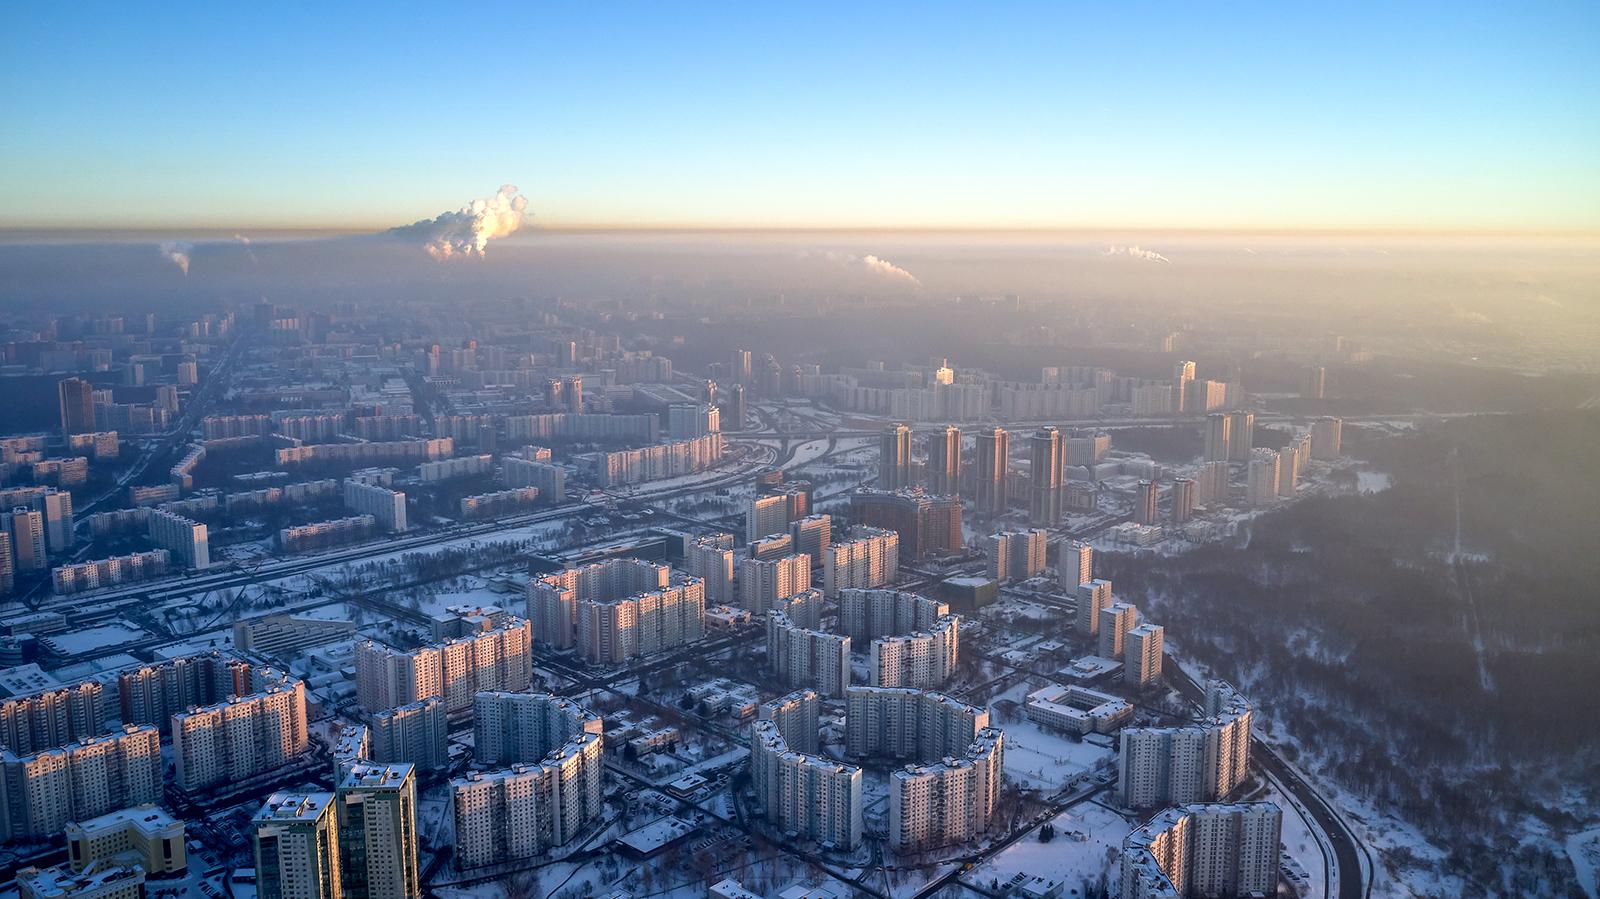 Госинспекция по недвижимости рассмотрела почти 1,4 тысячи обращений москвичей на портале «Наш город»